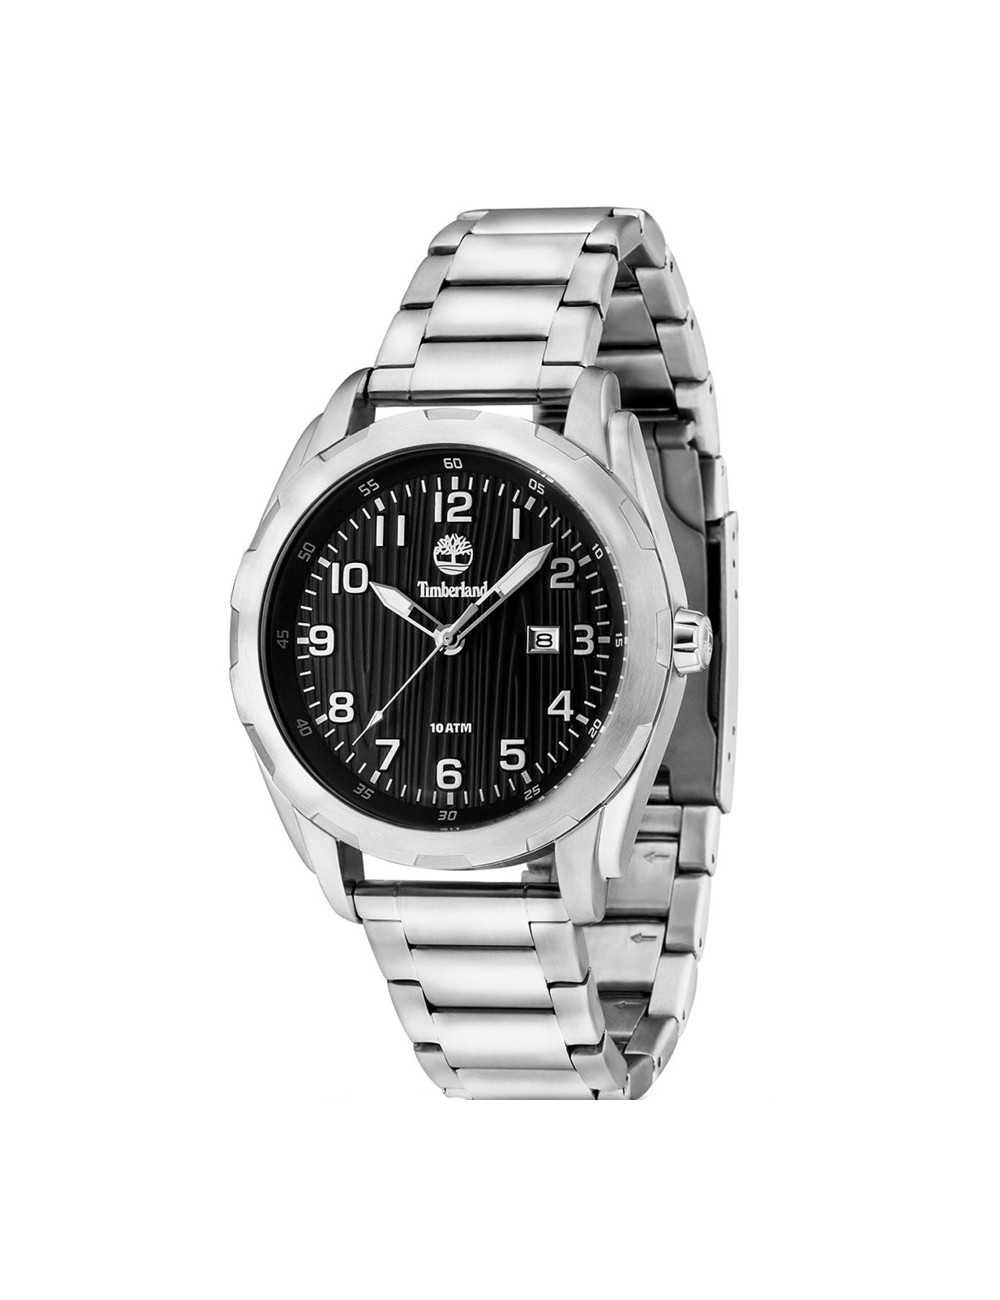 Pánske hodinky Timberland Newmarket TBL.13330XS / 02M